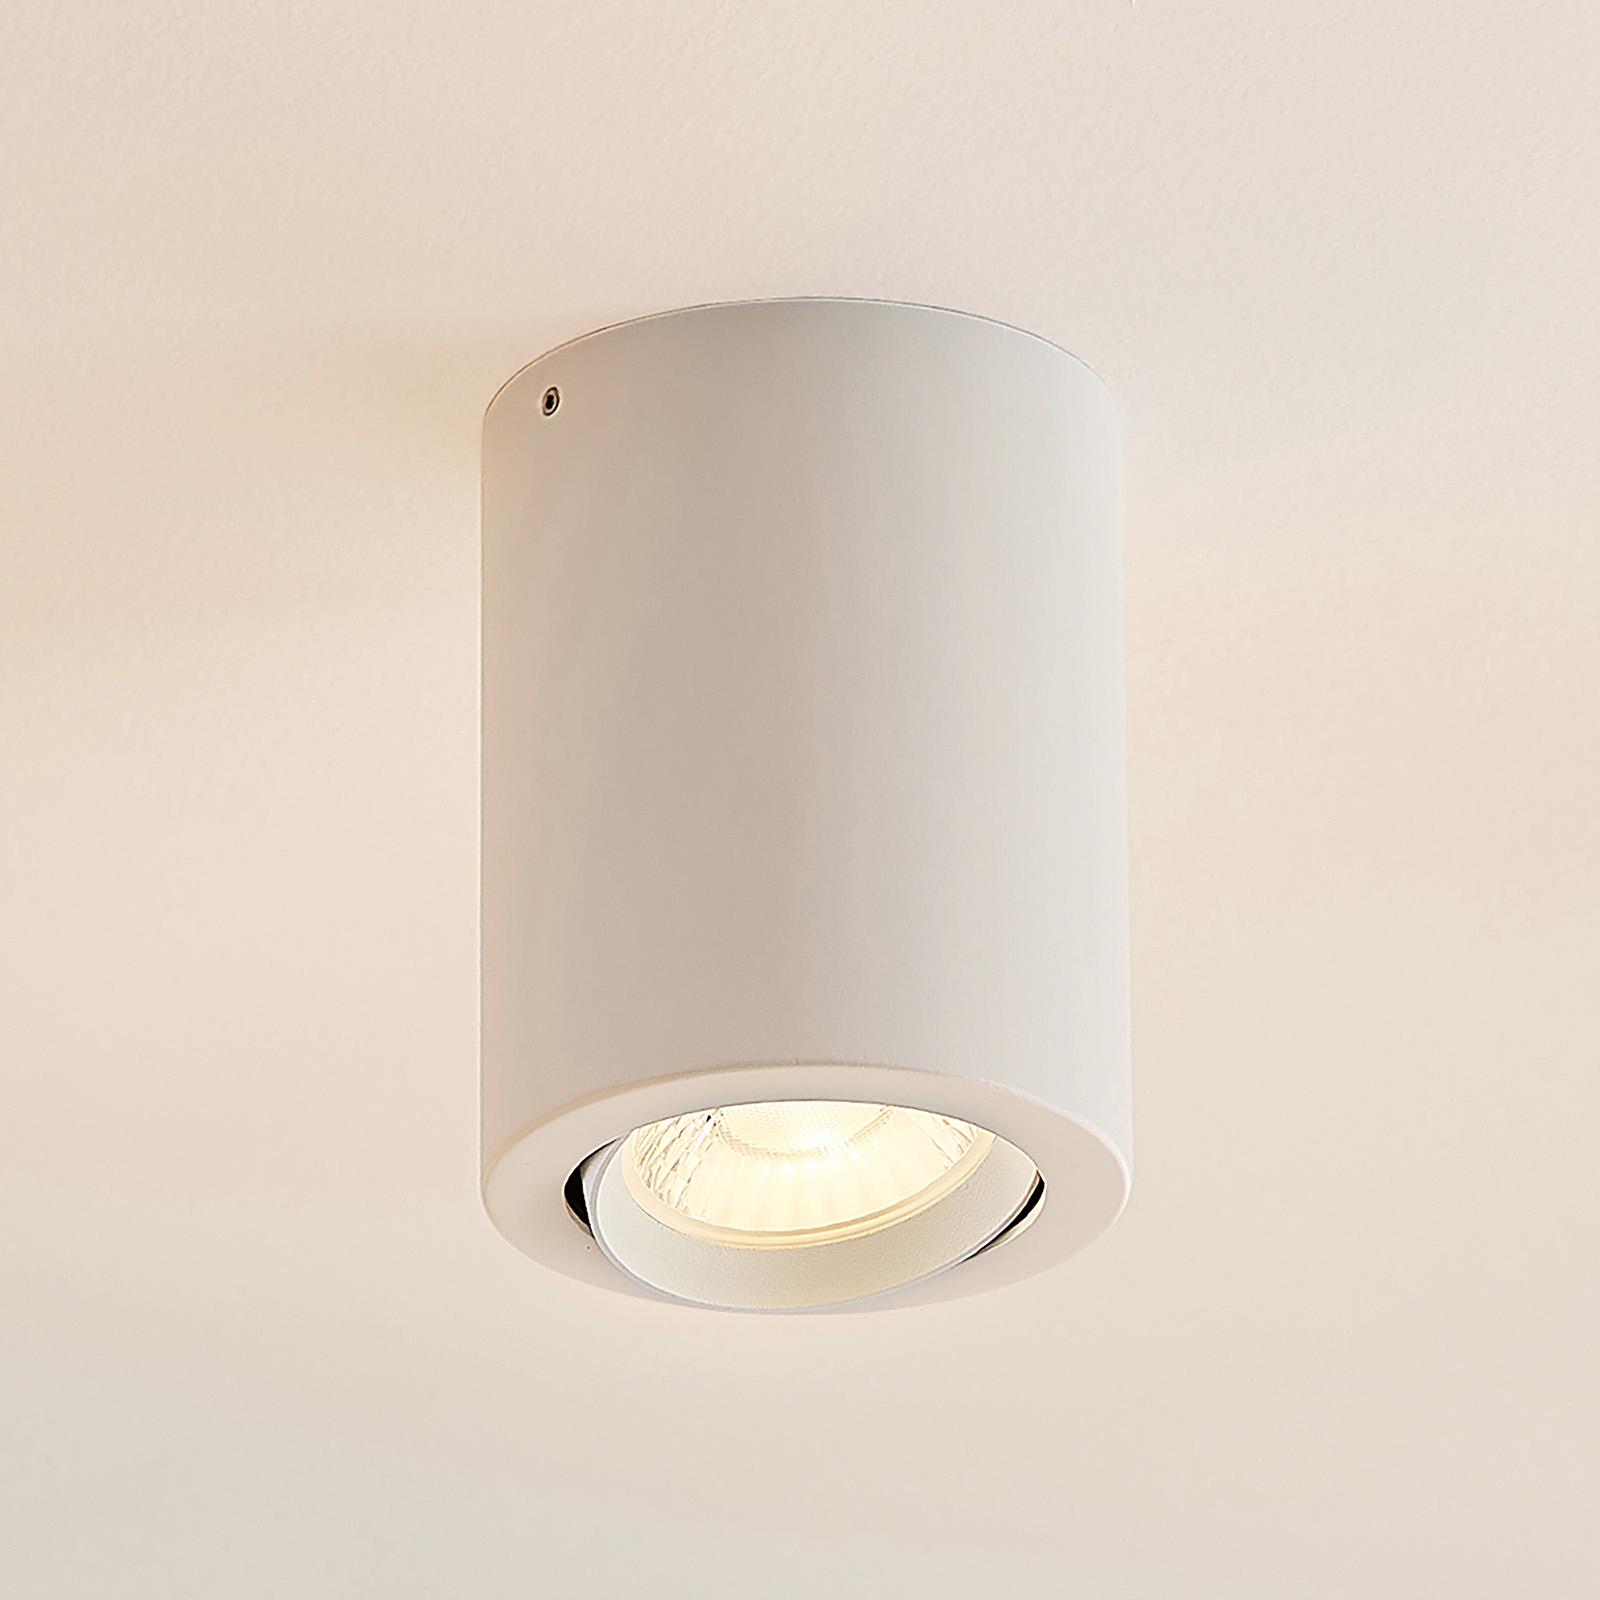 Arcchio Bircan LED-Downlight aus Aluminium, 4,8W